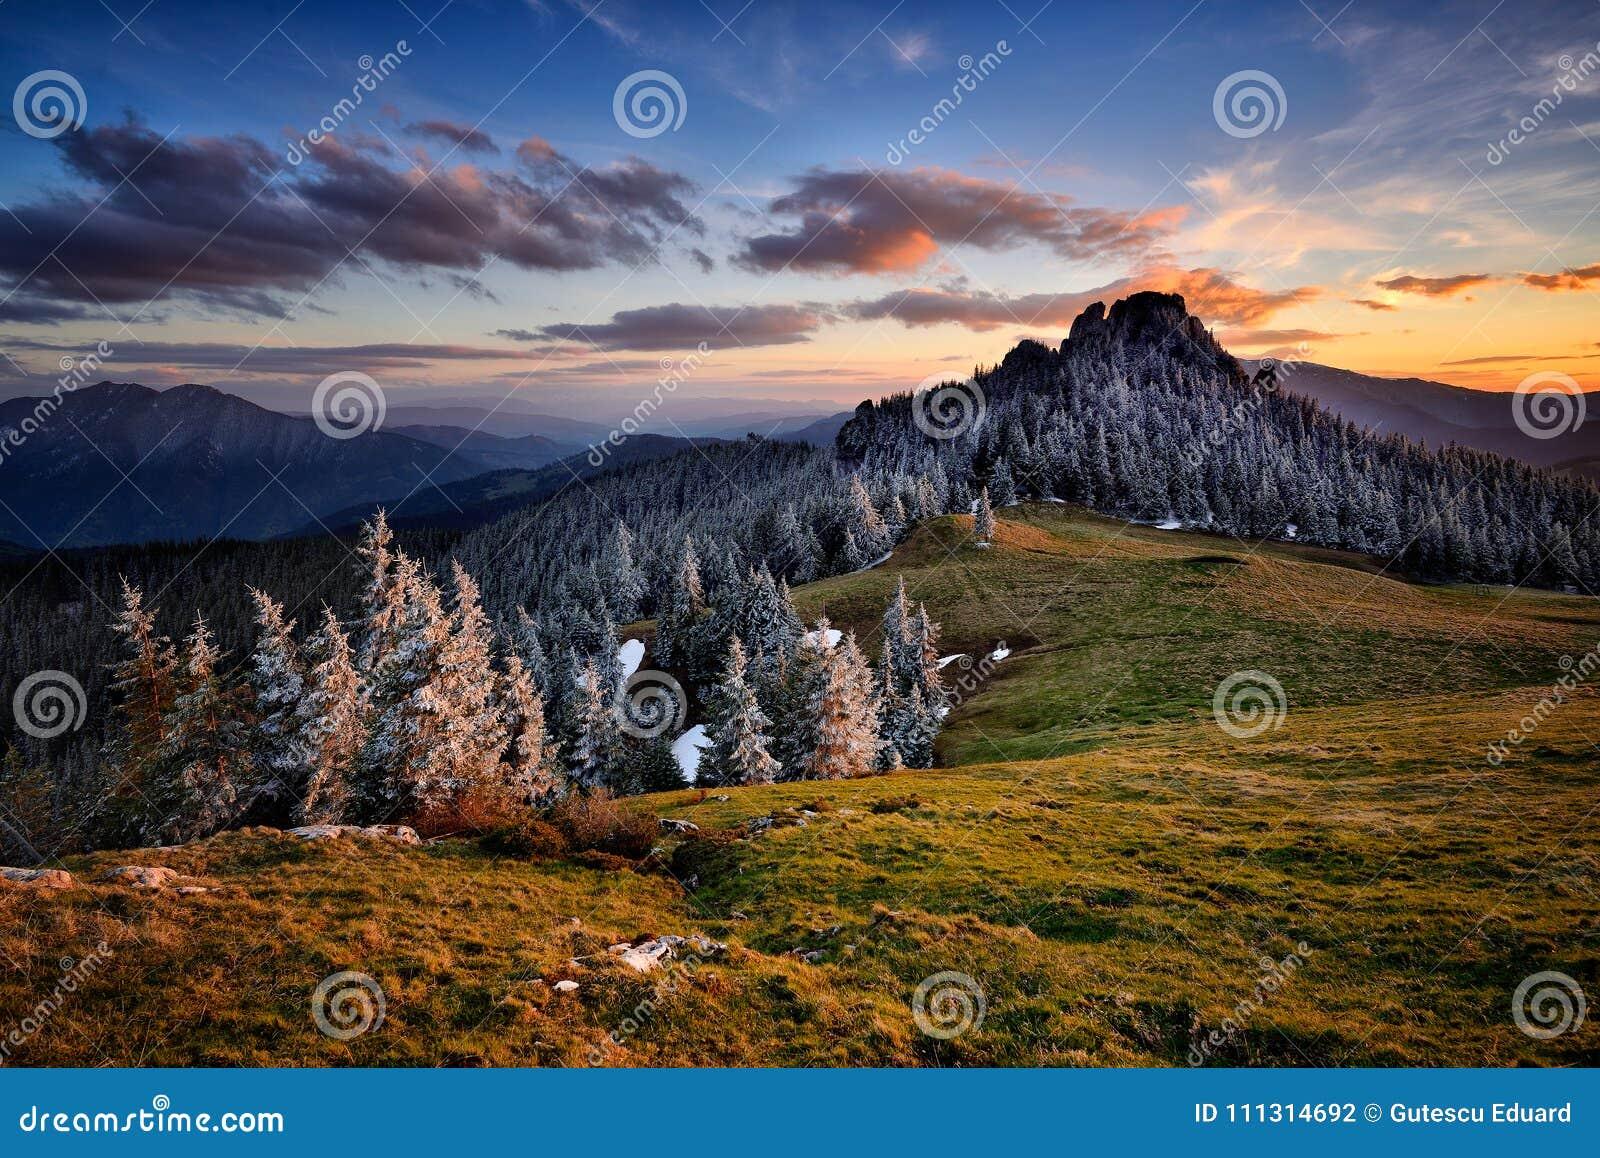 De winterscène in Roemenië, mooi landschap van wilde Karpatische bergen